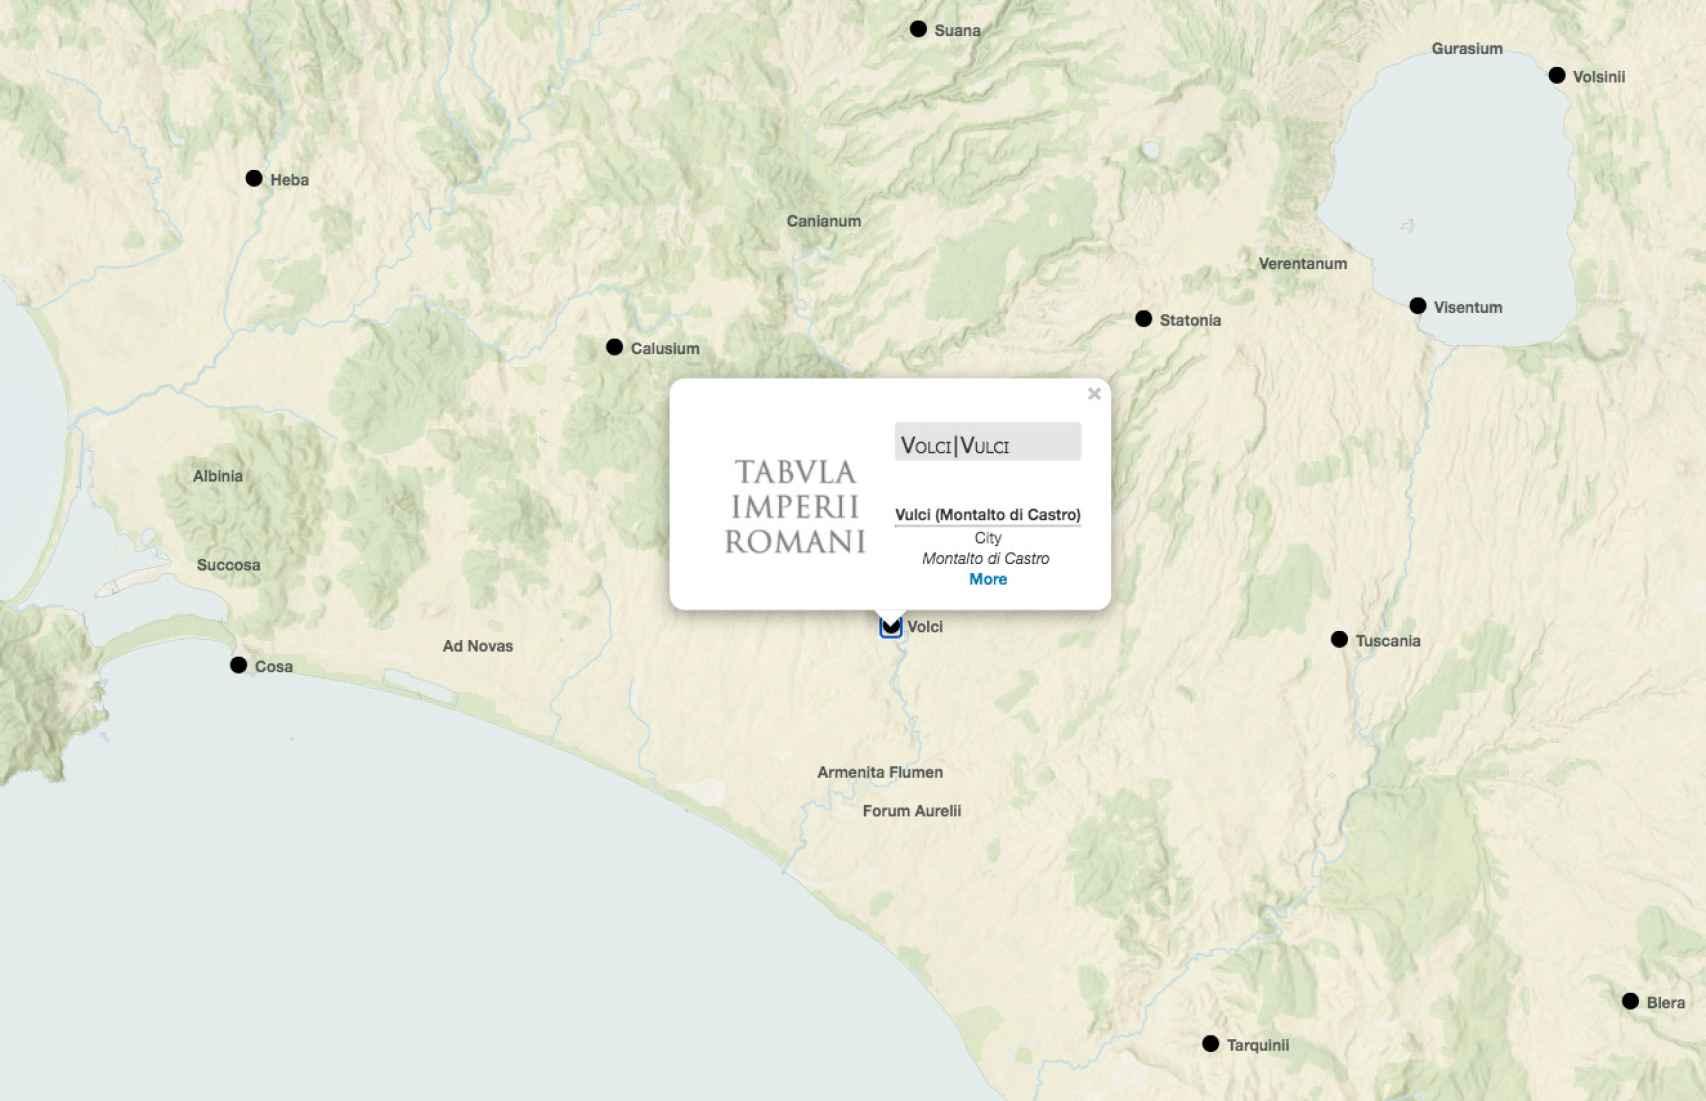 Alguna ciudades romanas del centro de Italia.